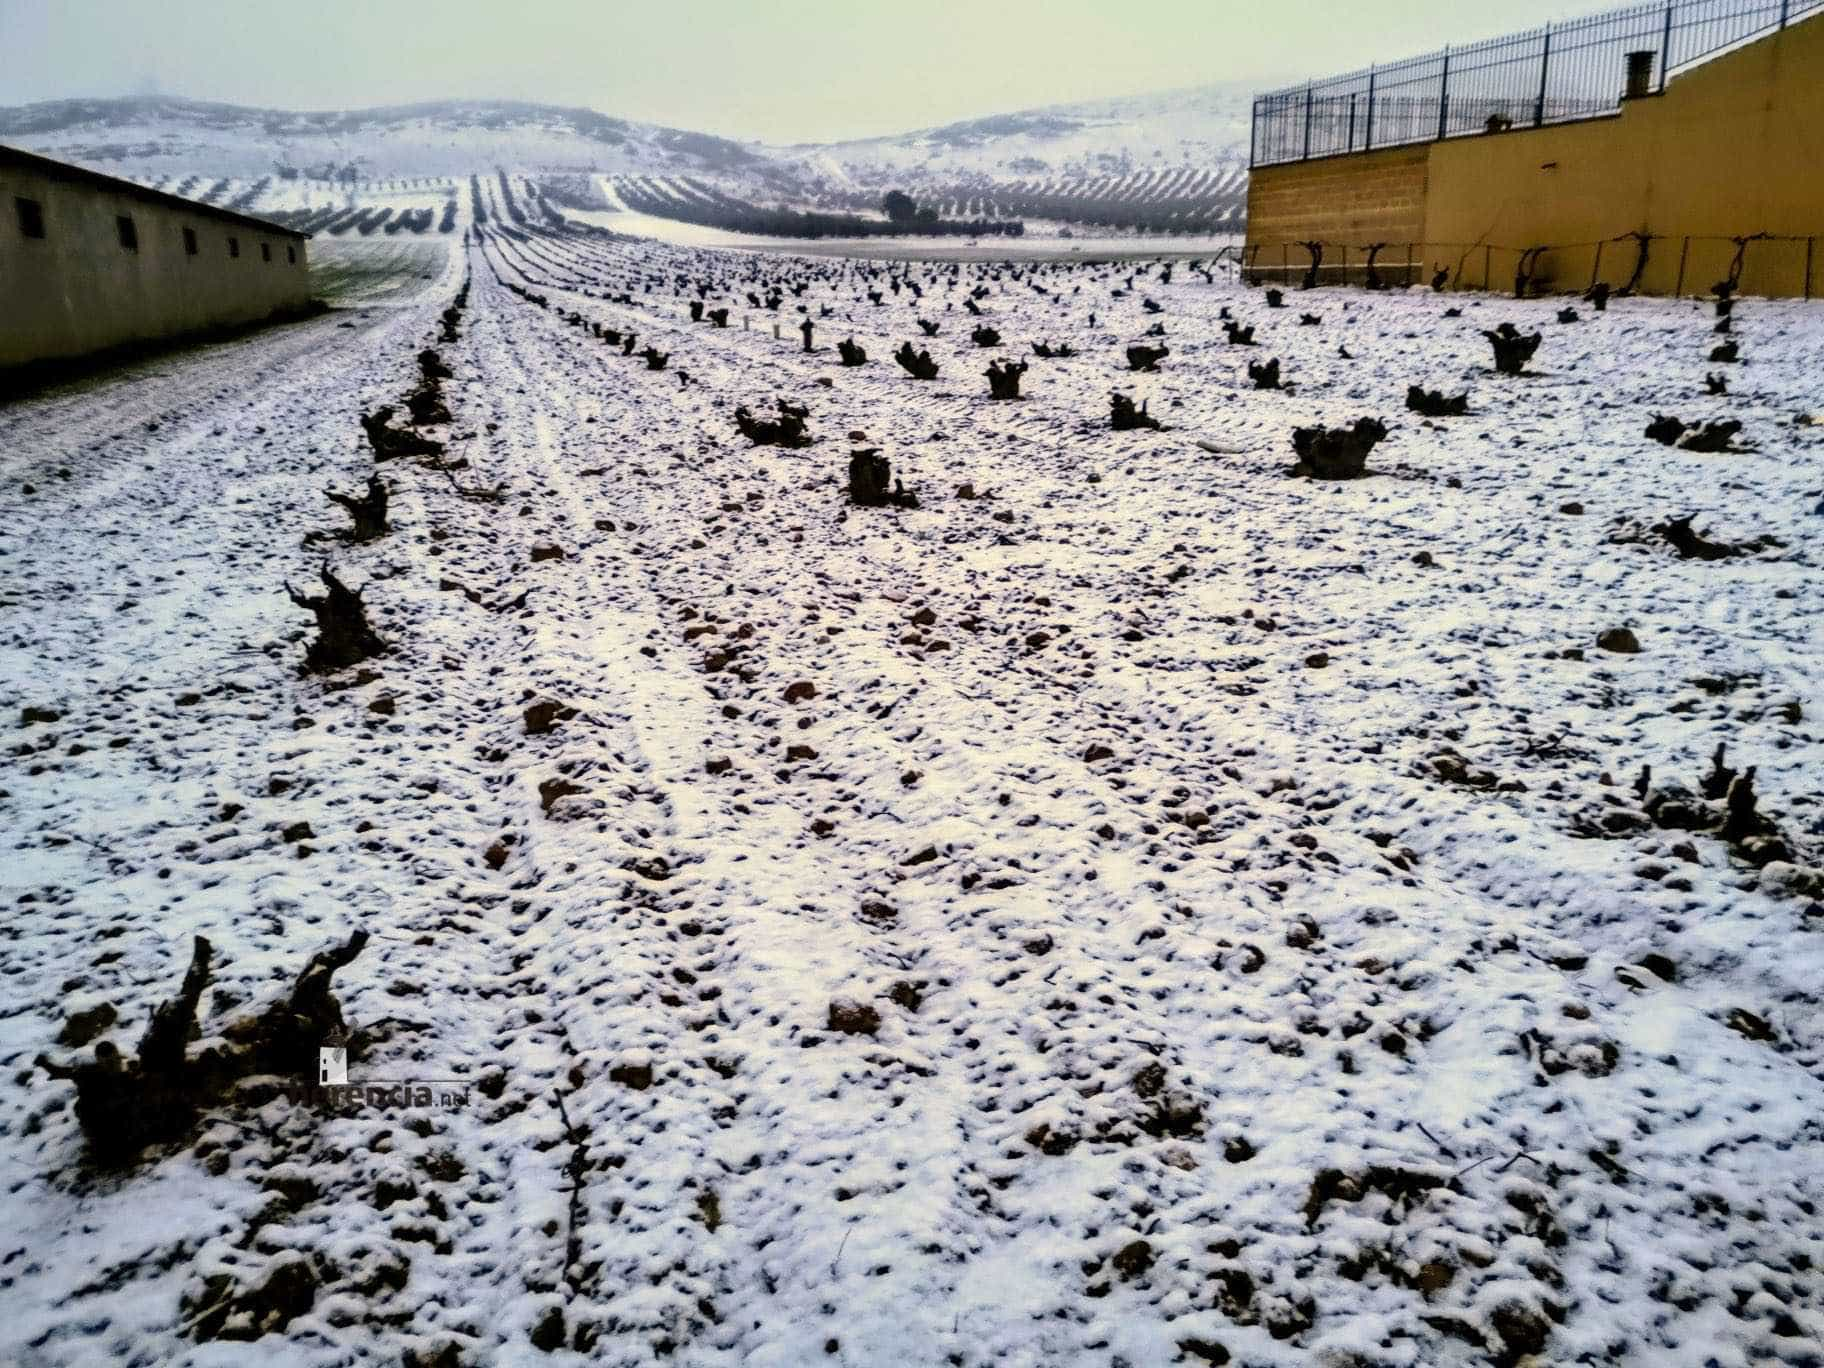 Las nevadas llegan Herencia y a toda Castilla-La Mancha (actualizado) 108